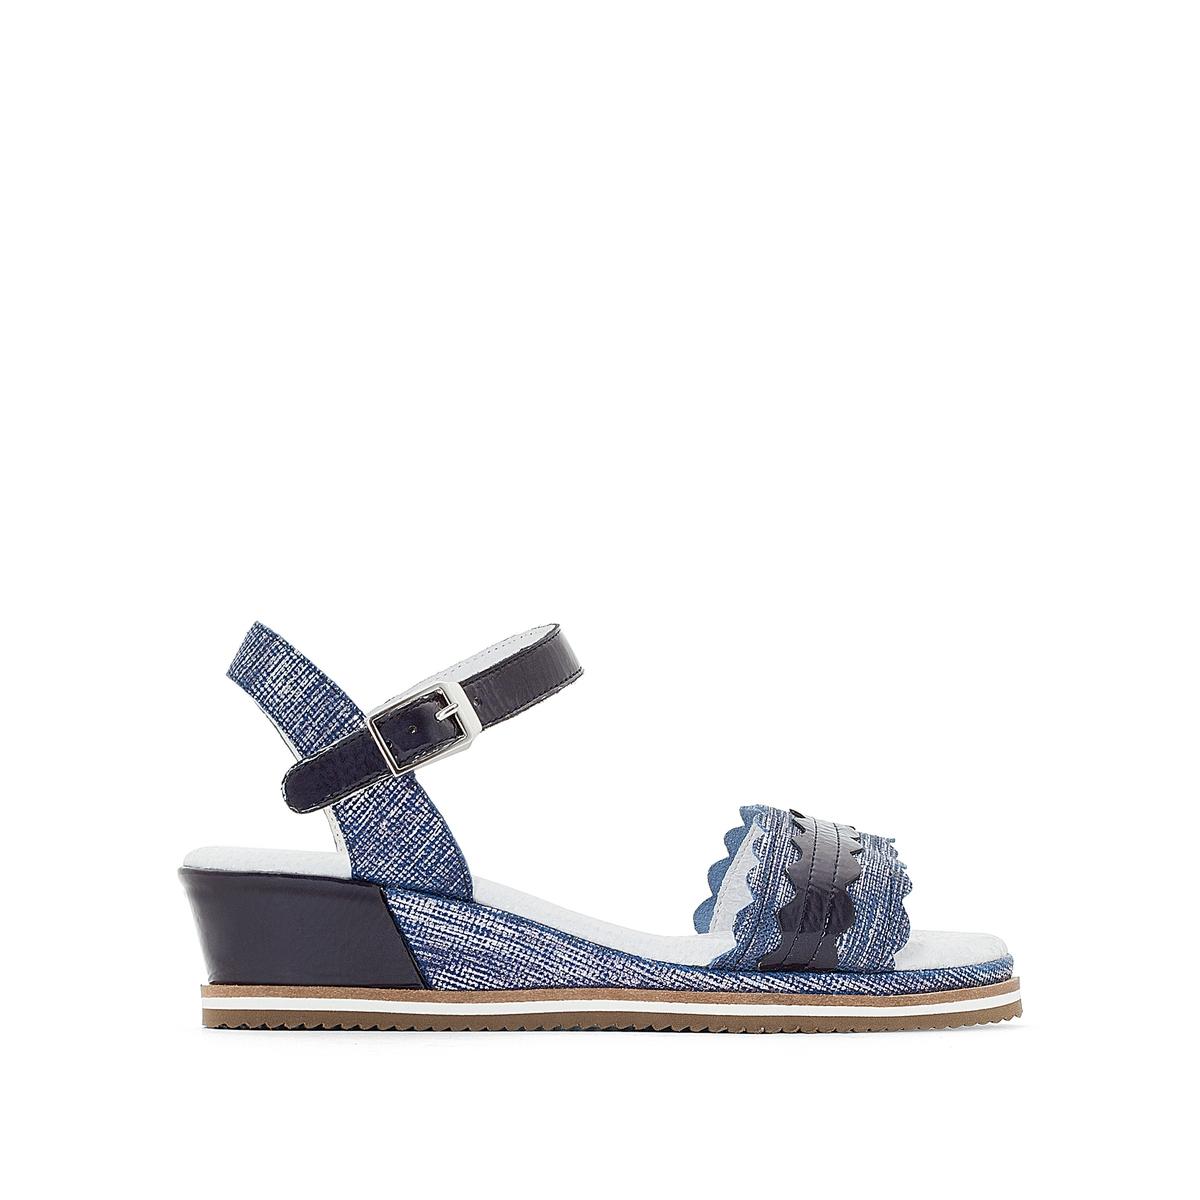 Sandálias de cunha, em pele